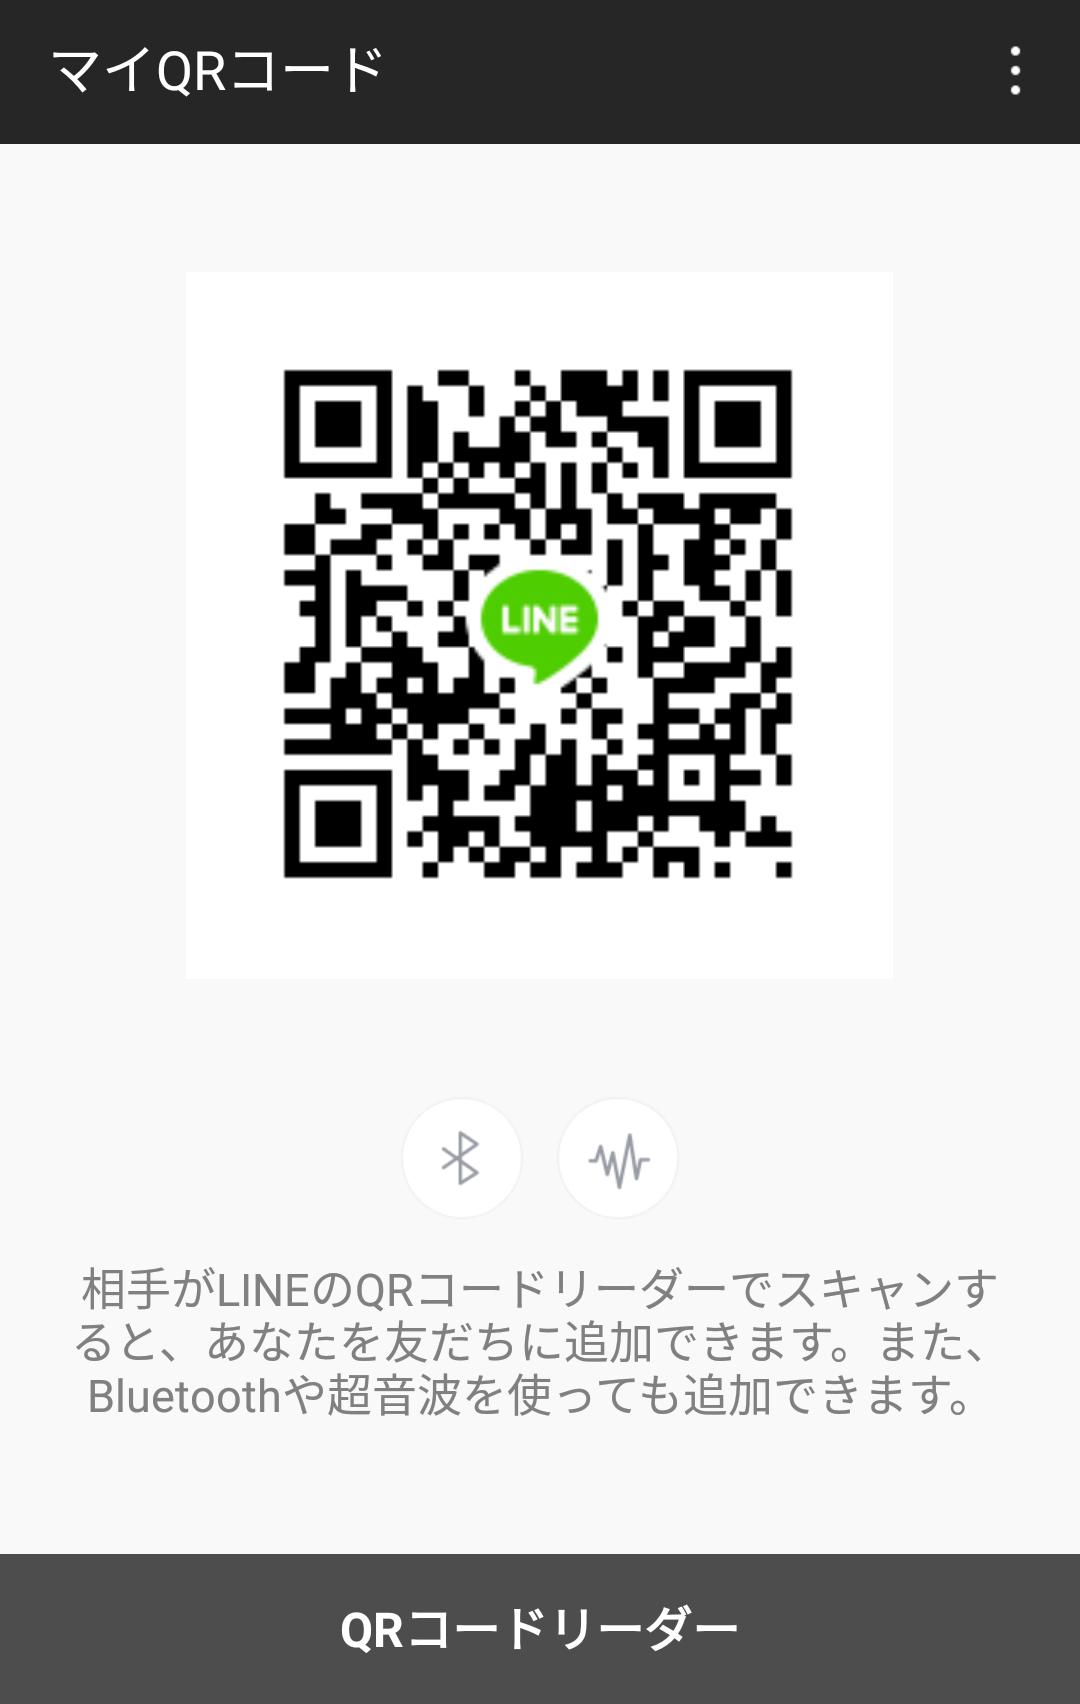 KAZUMAさんのLINE QRコード